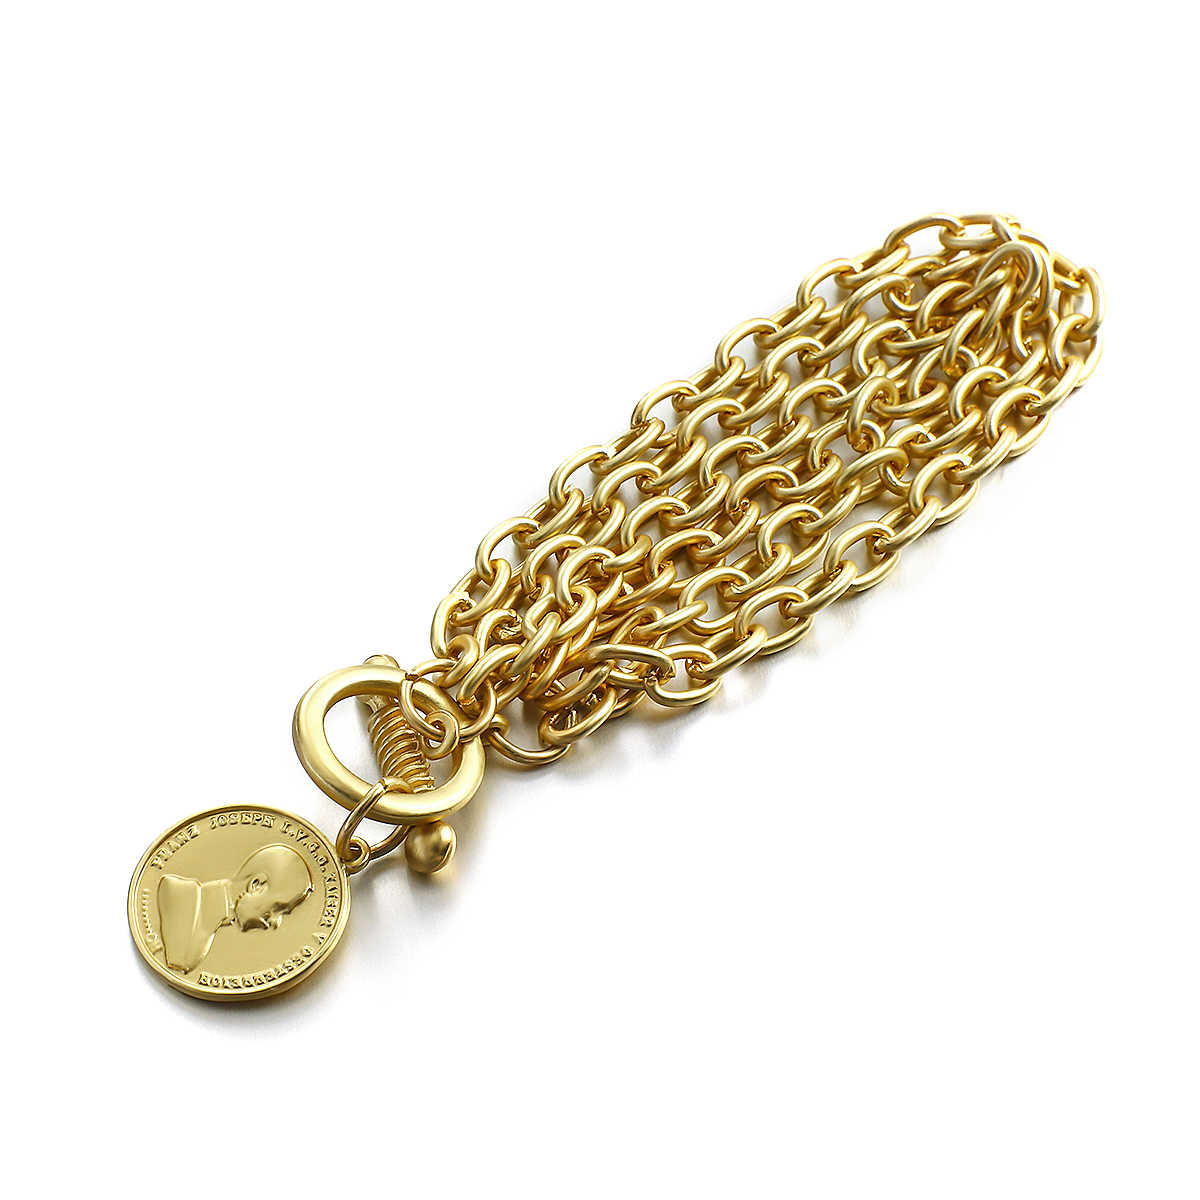 Lanterbuy pulseira unissex, bracelete de liga de aço inoxidável dourado 2020